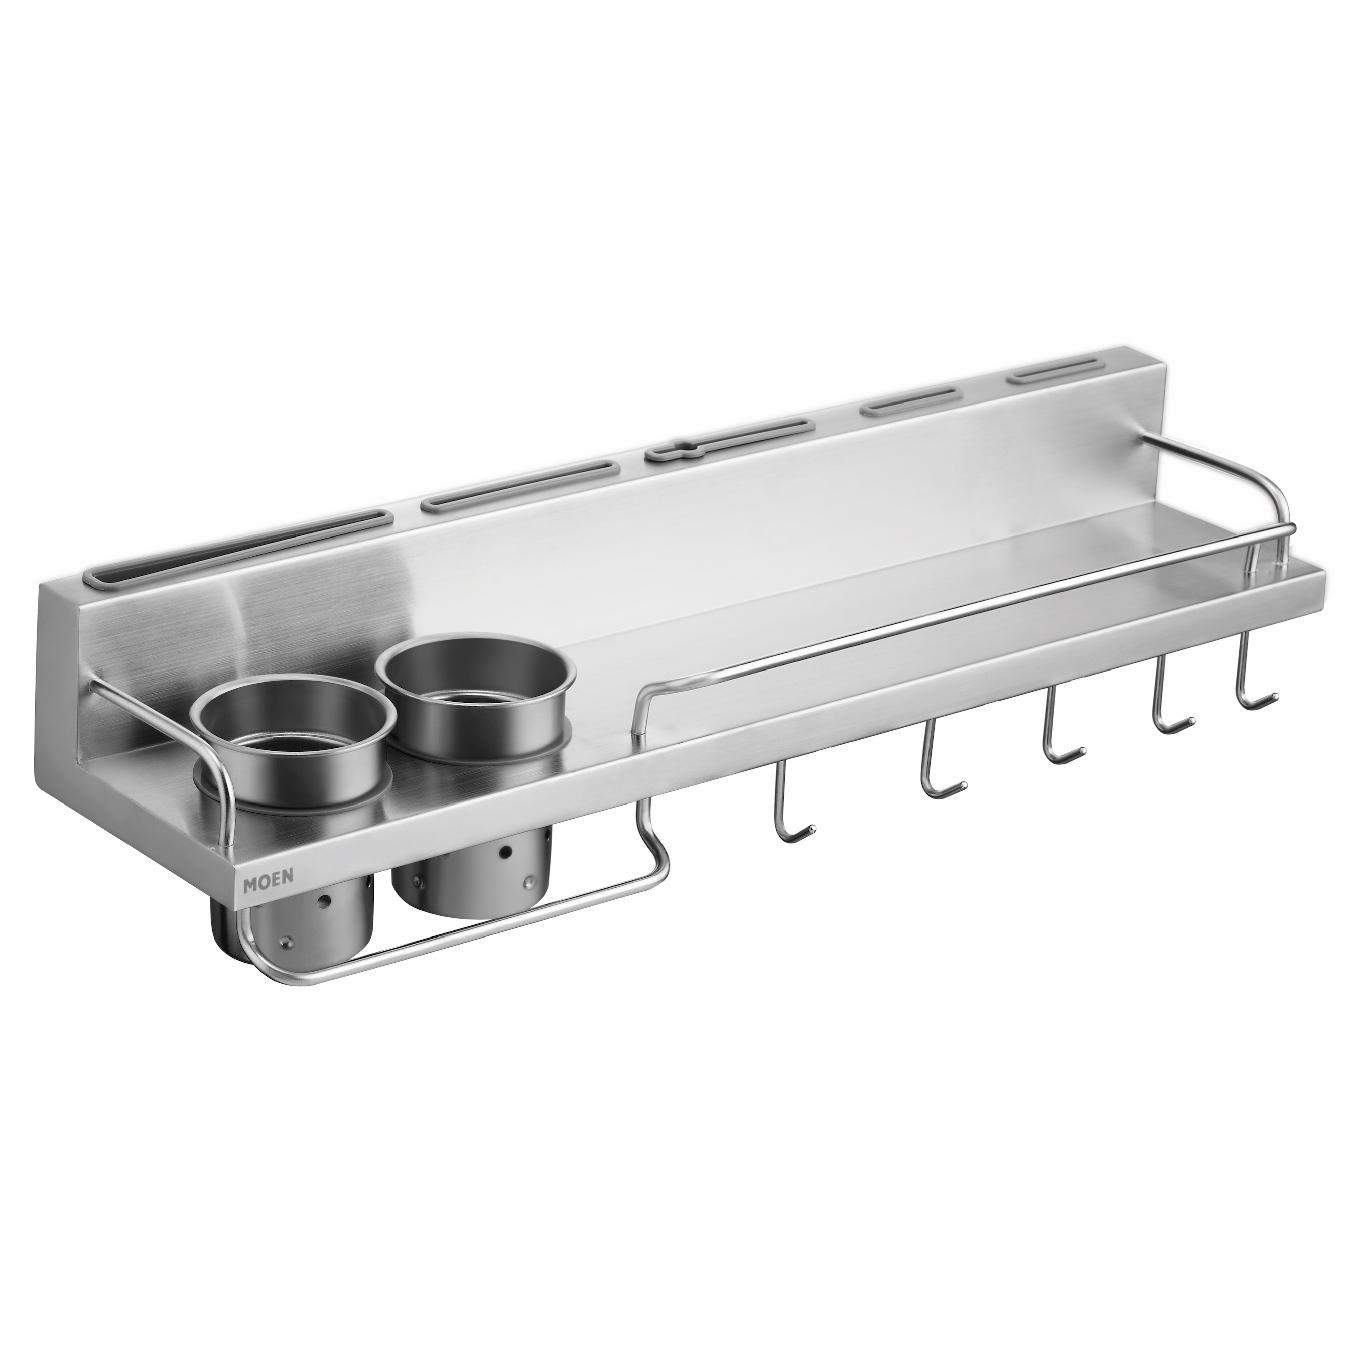 美國 Moen Celine KAC0104SL 不鏽鋼多功能廚房置物掛架 600mm (拉絲銀)